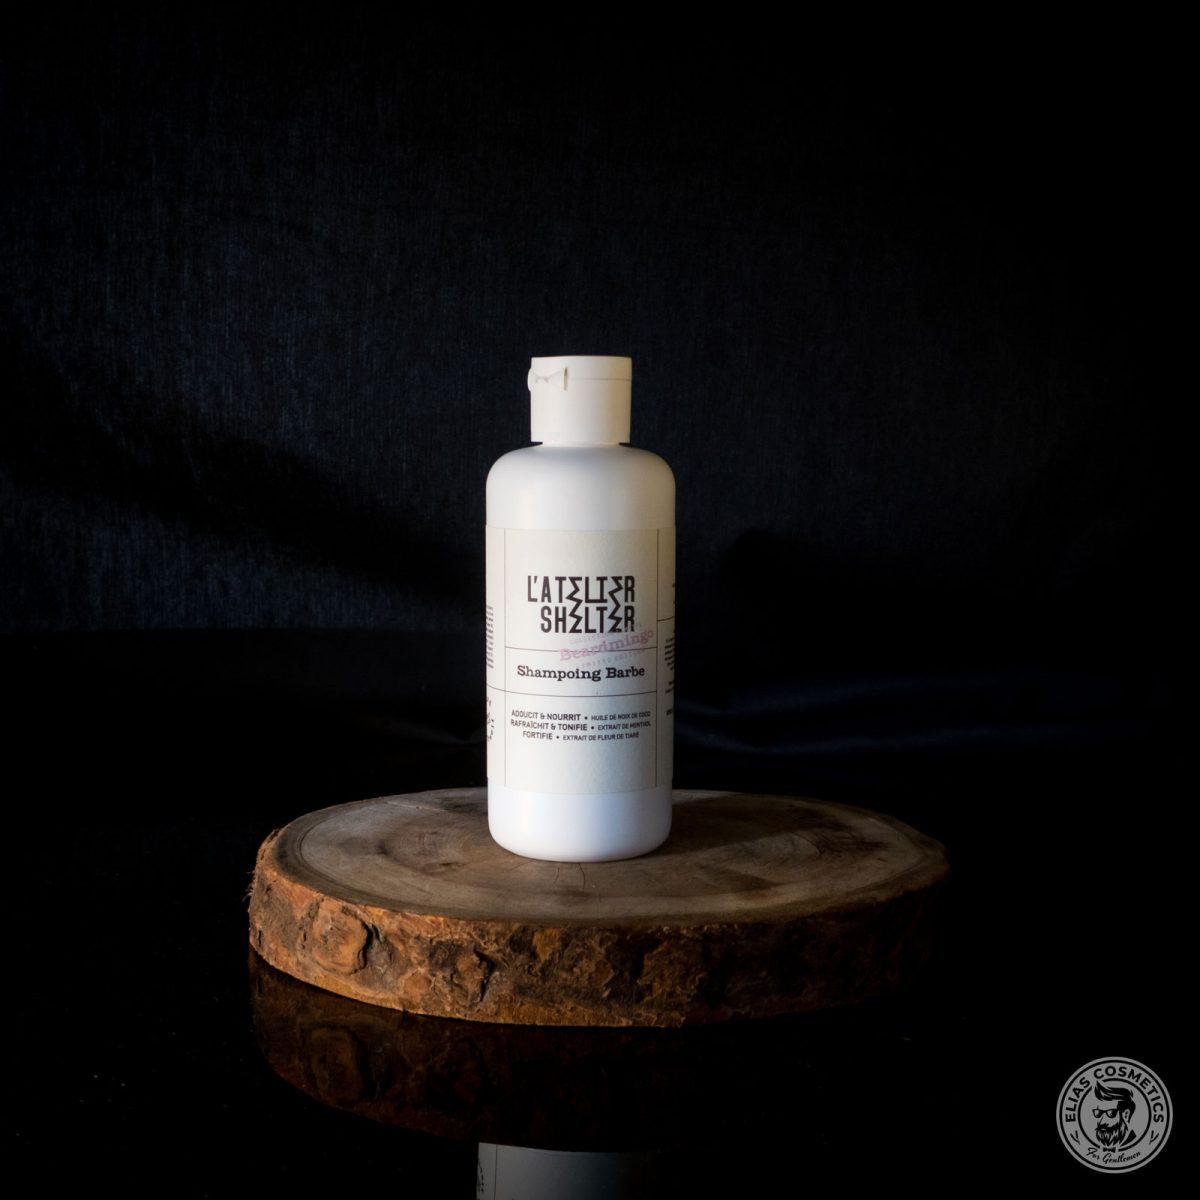 atelier shelter shampoing barbe beardmingo